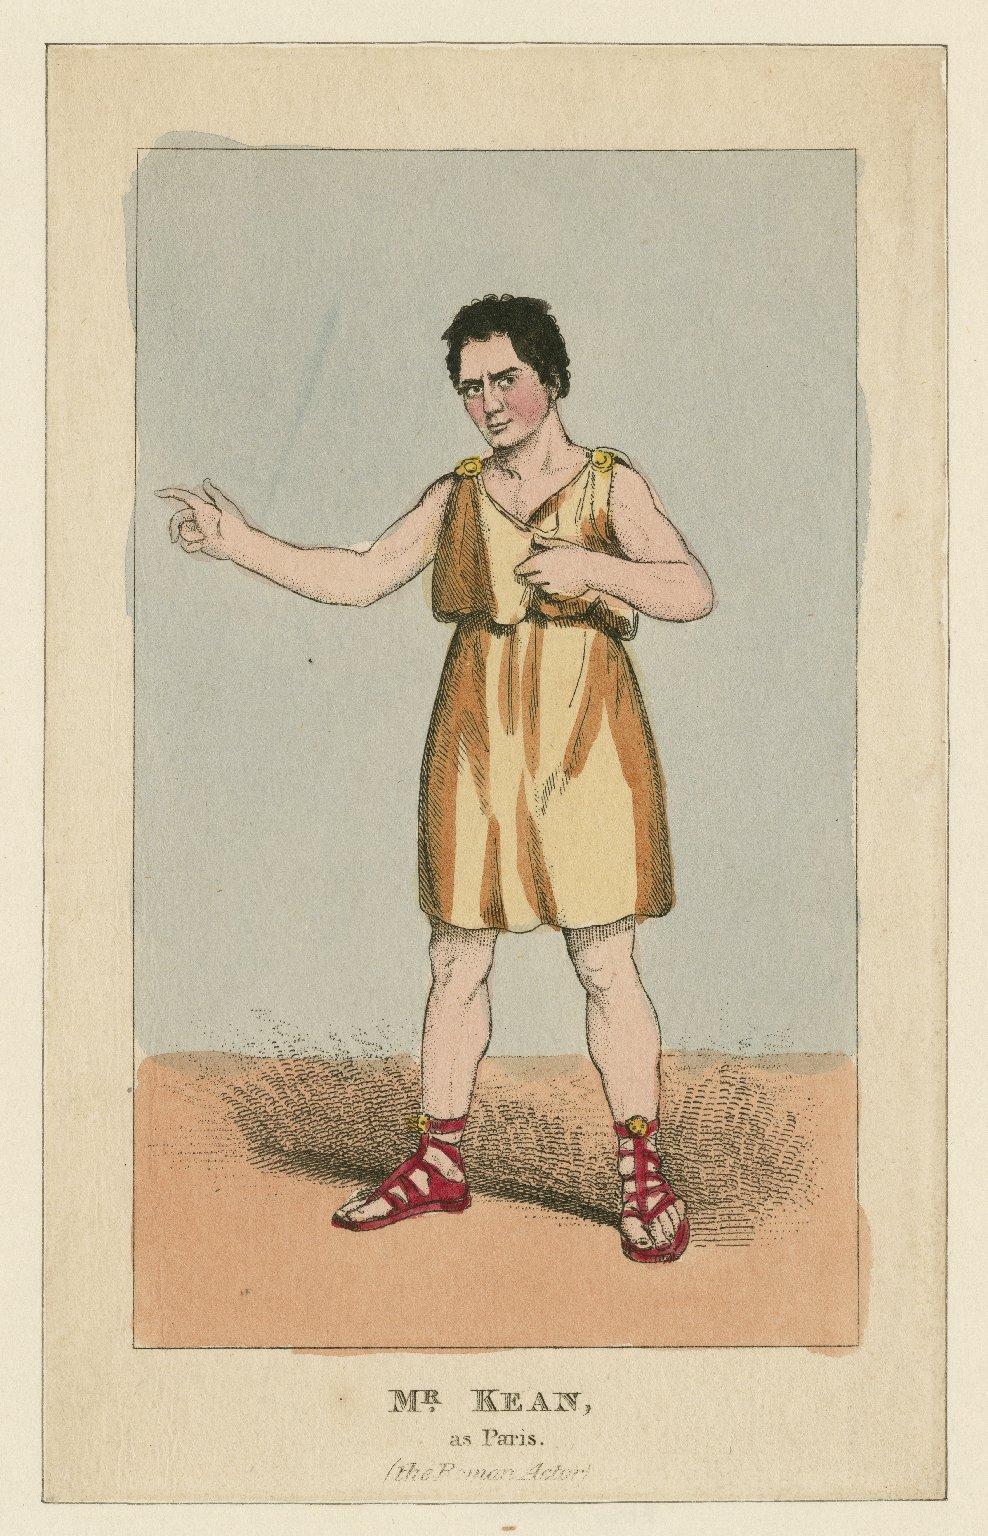 Mr. Kean, as Paris (the Roman actor) [by Massinger] [graphic].